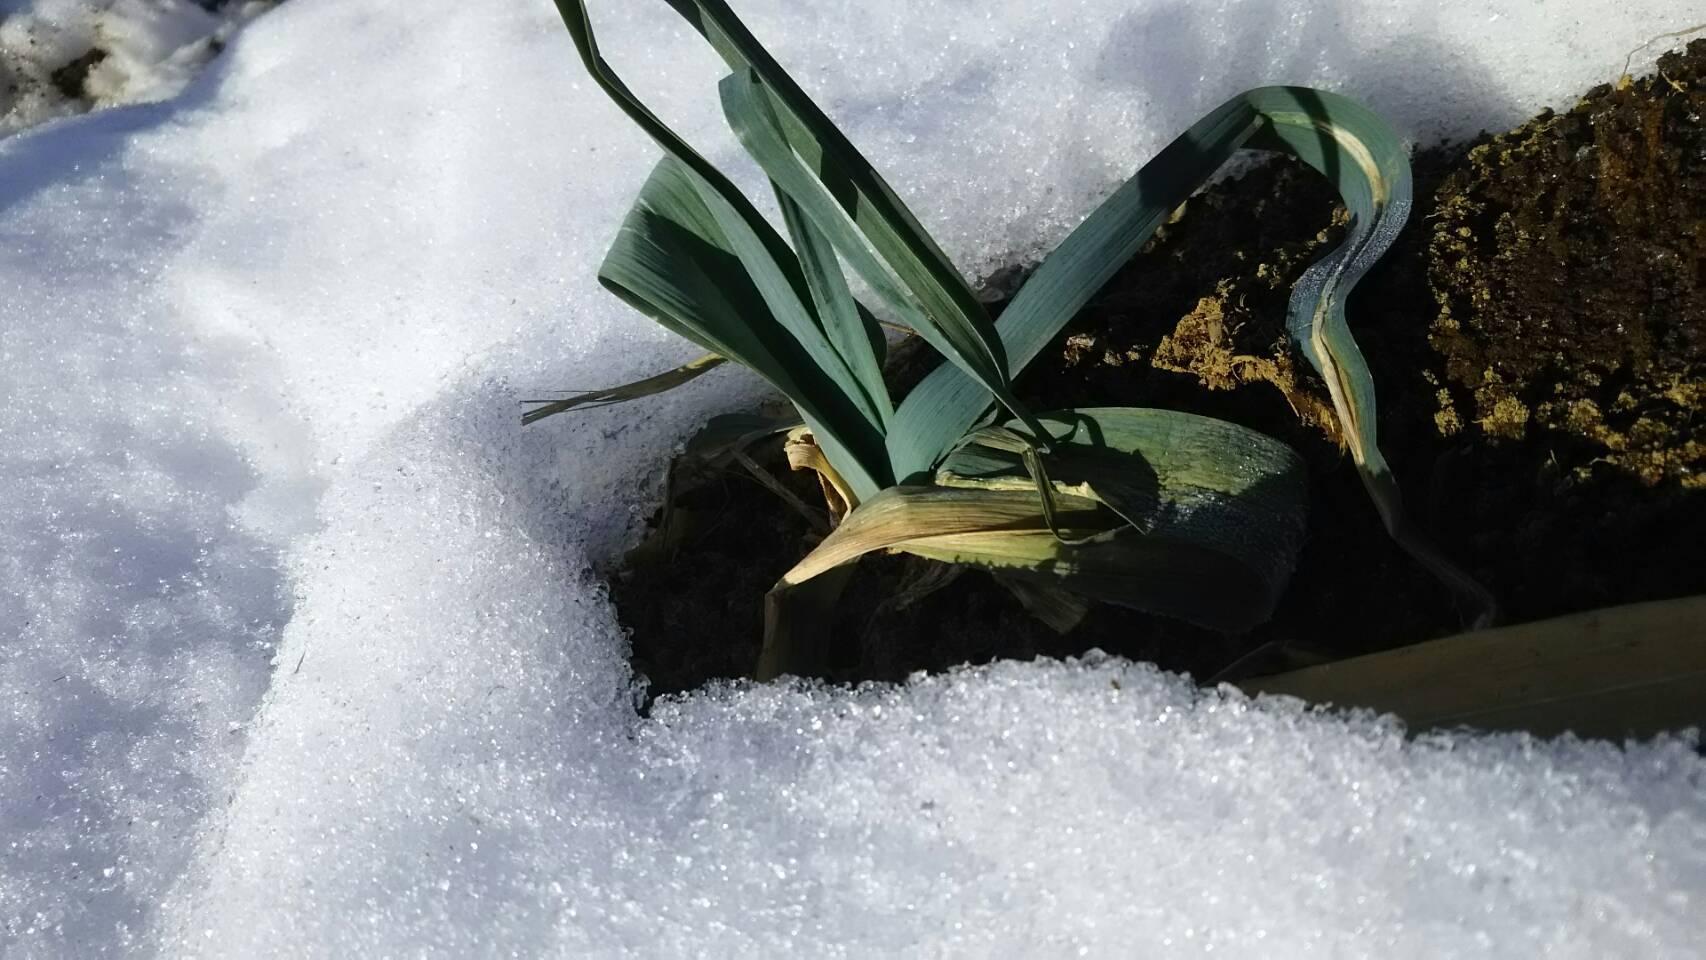 今朝は中村さん福田さんが畑に 厳寒なのに完全防備で・・・ありがとうございます_c0222448_12453086.jpg